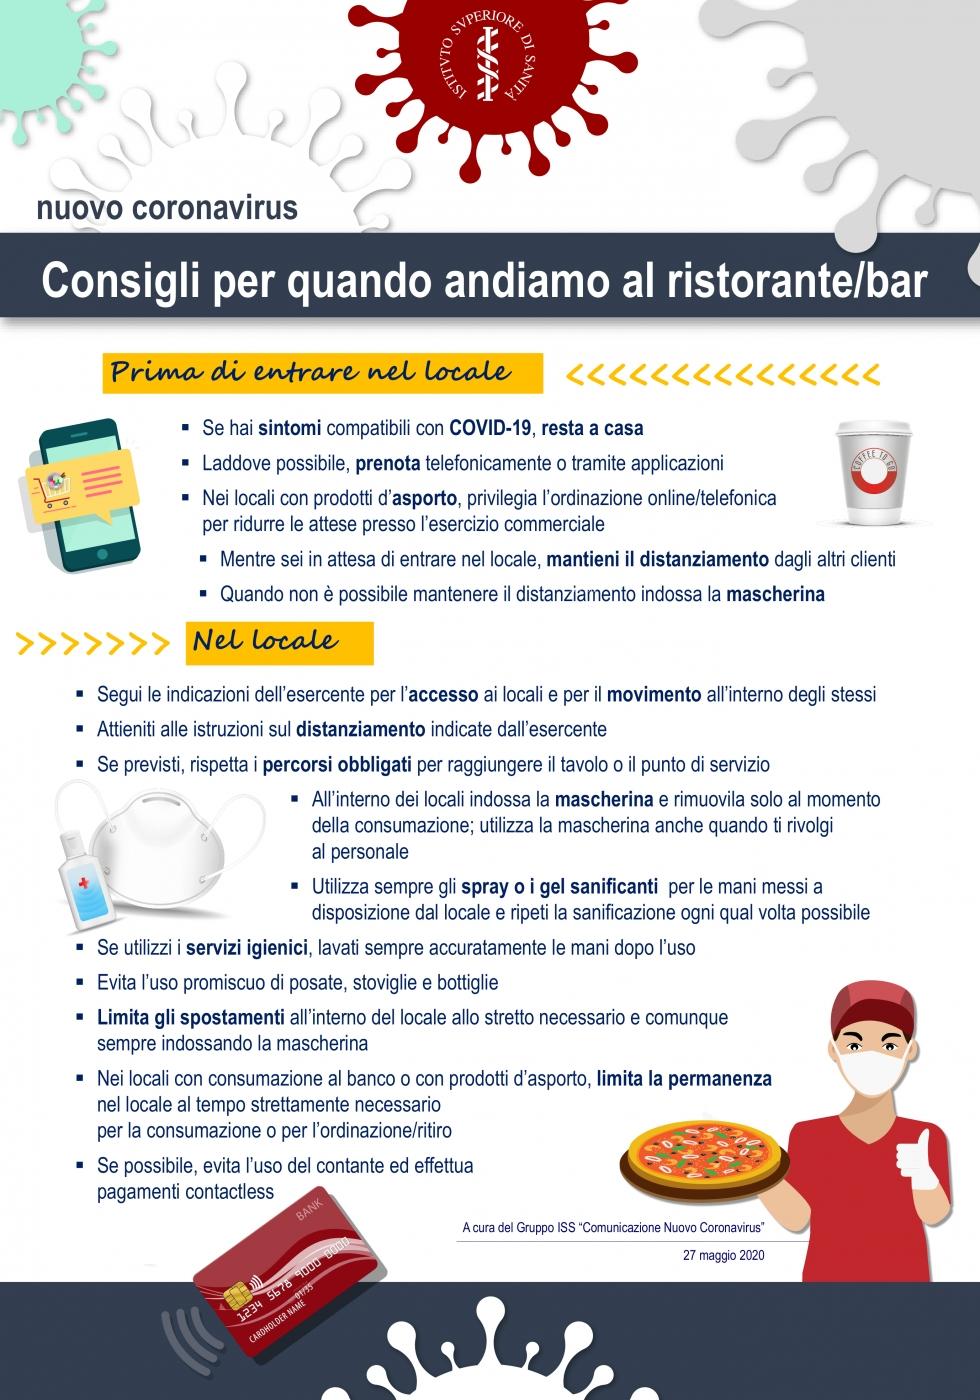 Istituto Superiore Sanita Covid 19 E Ristorazione Come Comportarsi Al Bar O Al Ristorante Alimenti Salute